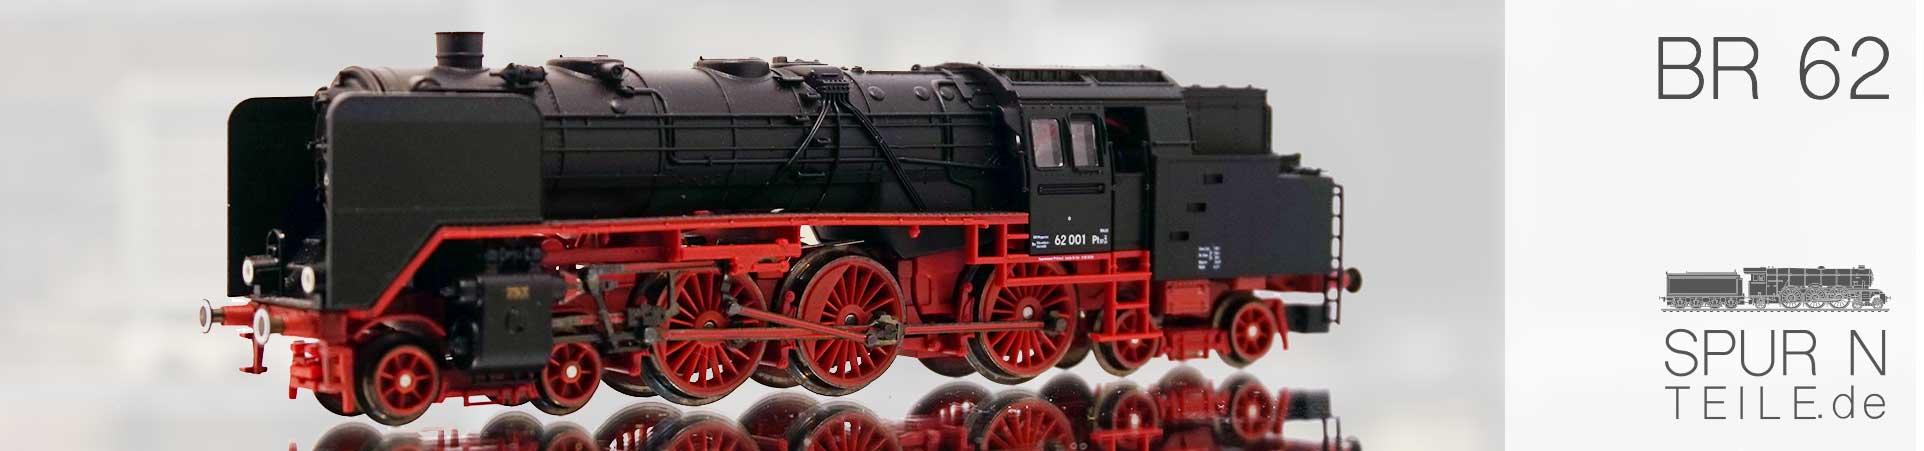 Top ottone OVP Günther componenti del modello h0 1271 dampfdom BR 78 con valvola